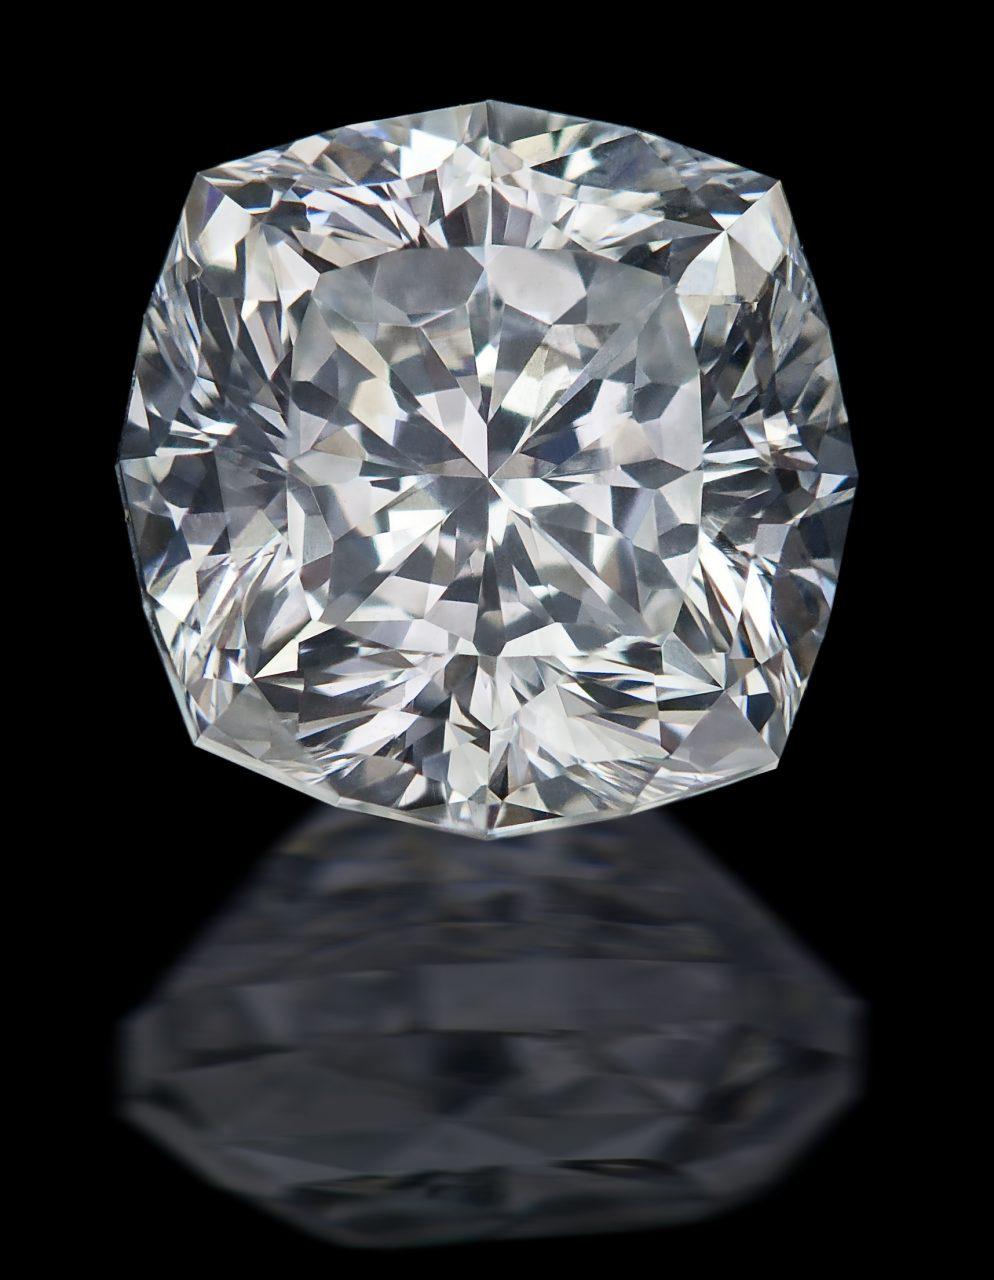 01. Ph. Hahn Sohne - Diamant - Gabrielle - Kissen, 157 ct